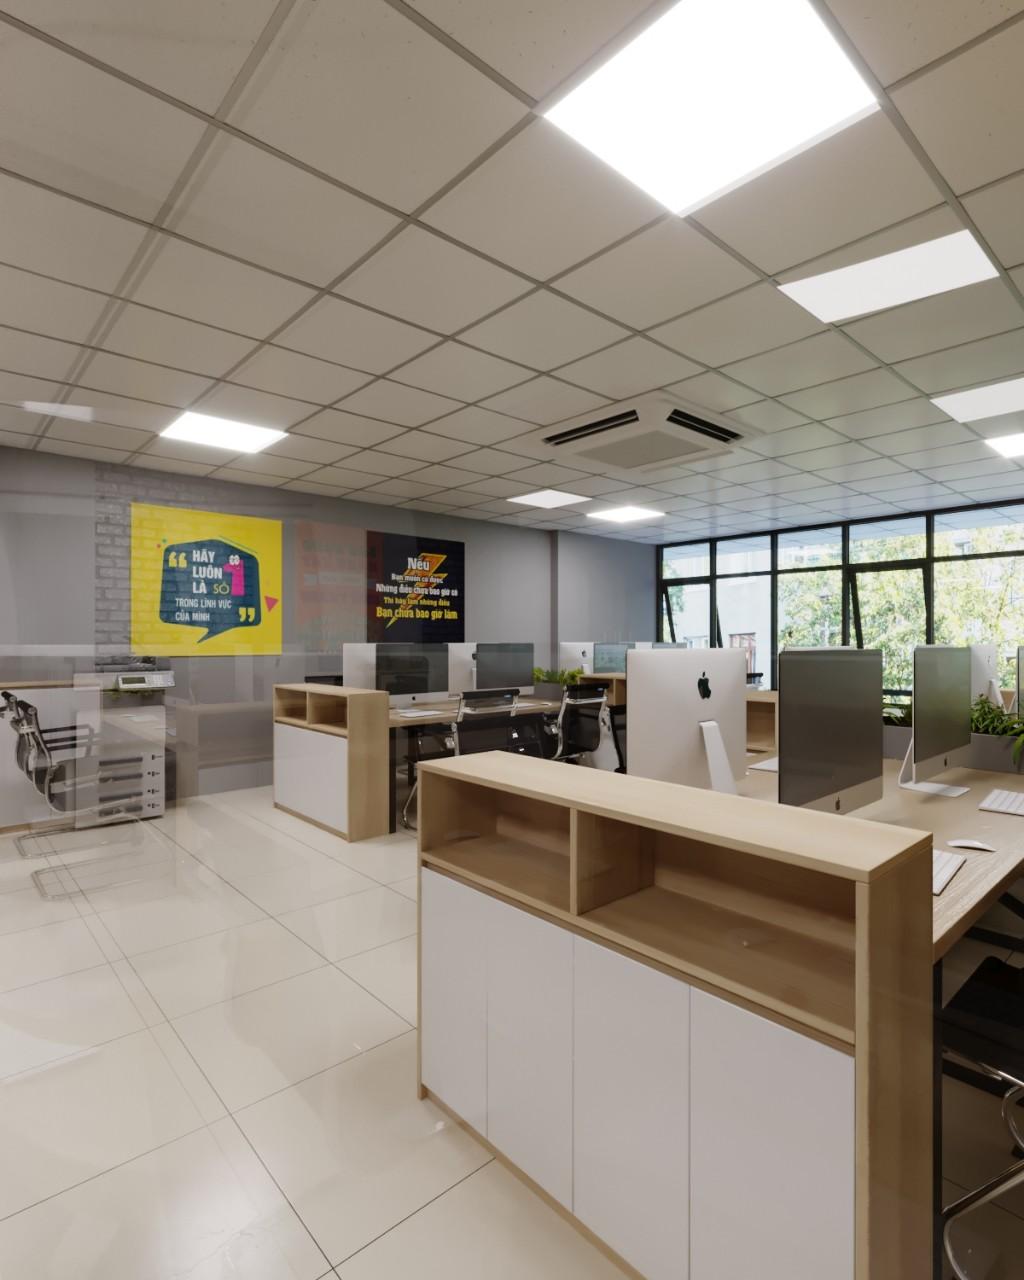 Bí quyết chọn đơn vị thiết kế thi công nội thất văn phòng